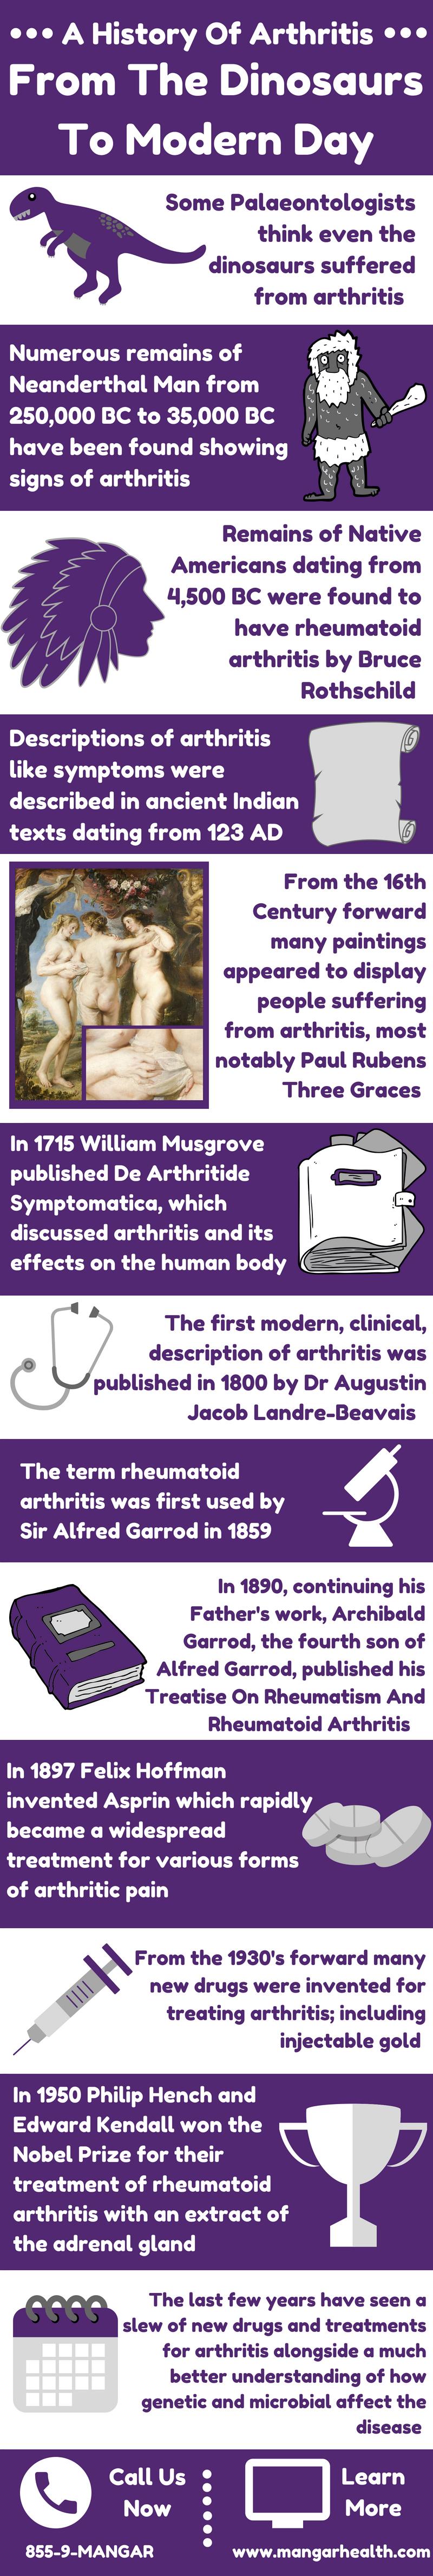 us-history-of-arthritis